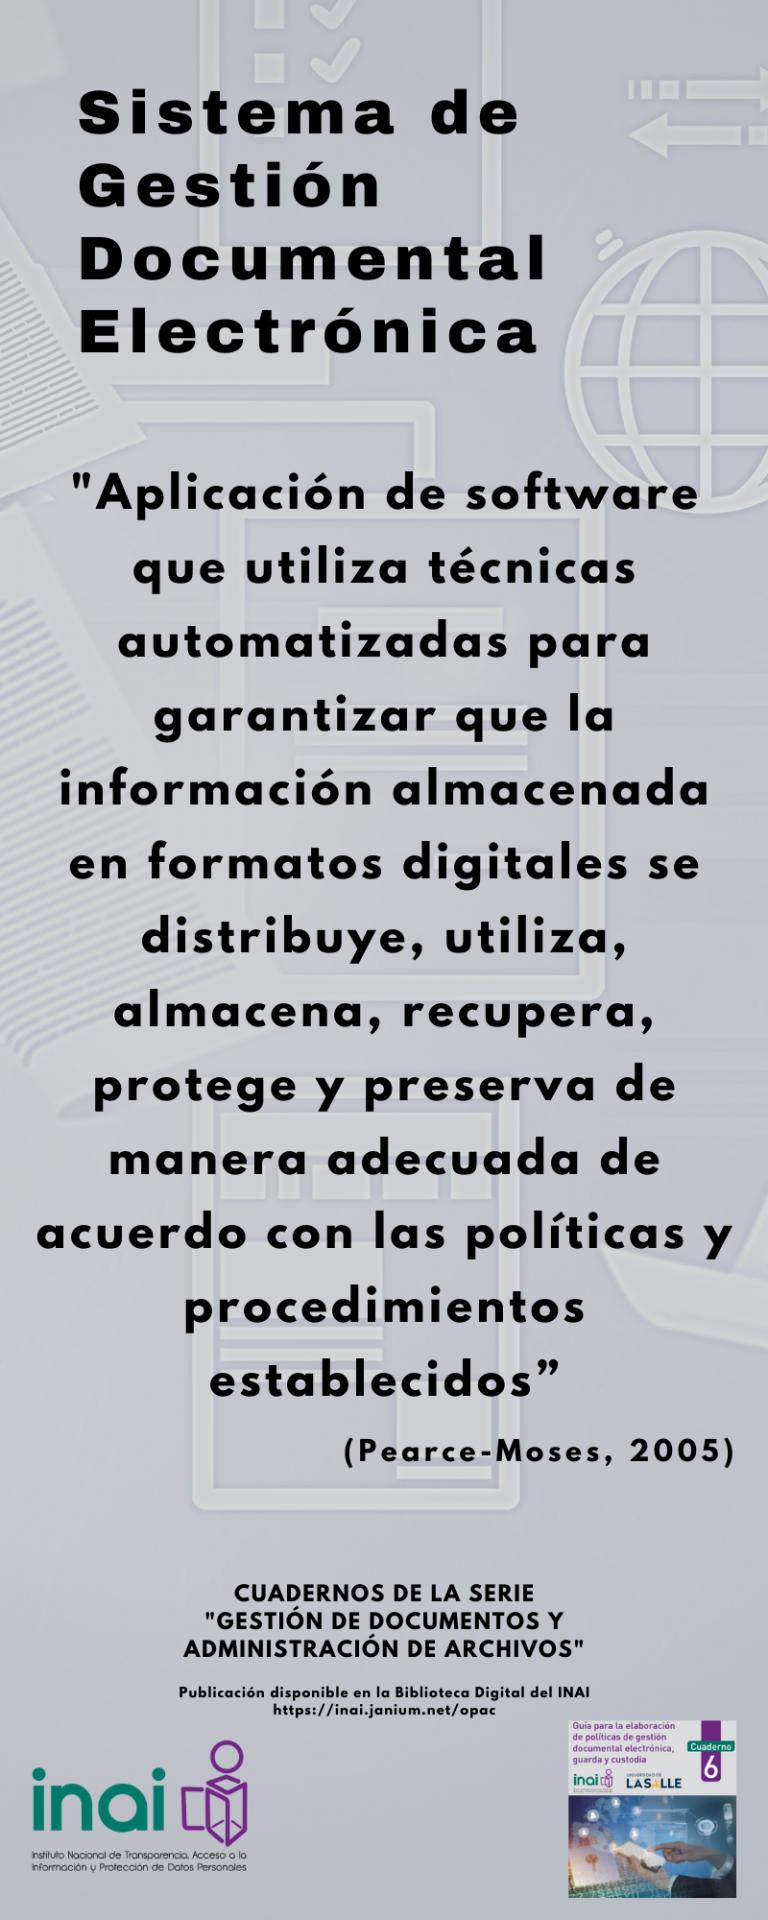 Sistema de Gestión Documental Electrónica